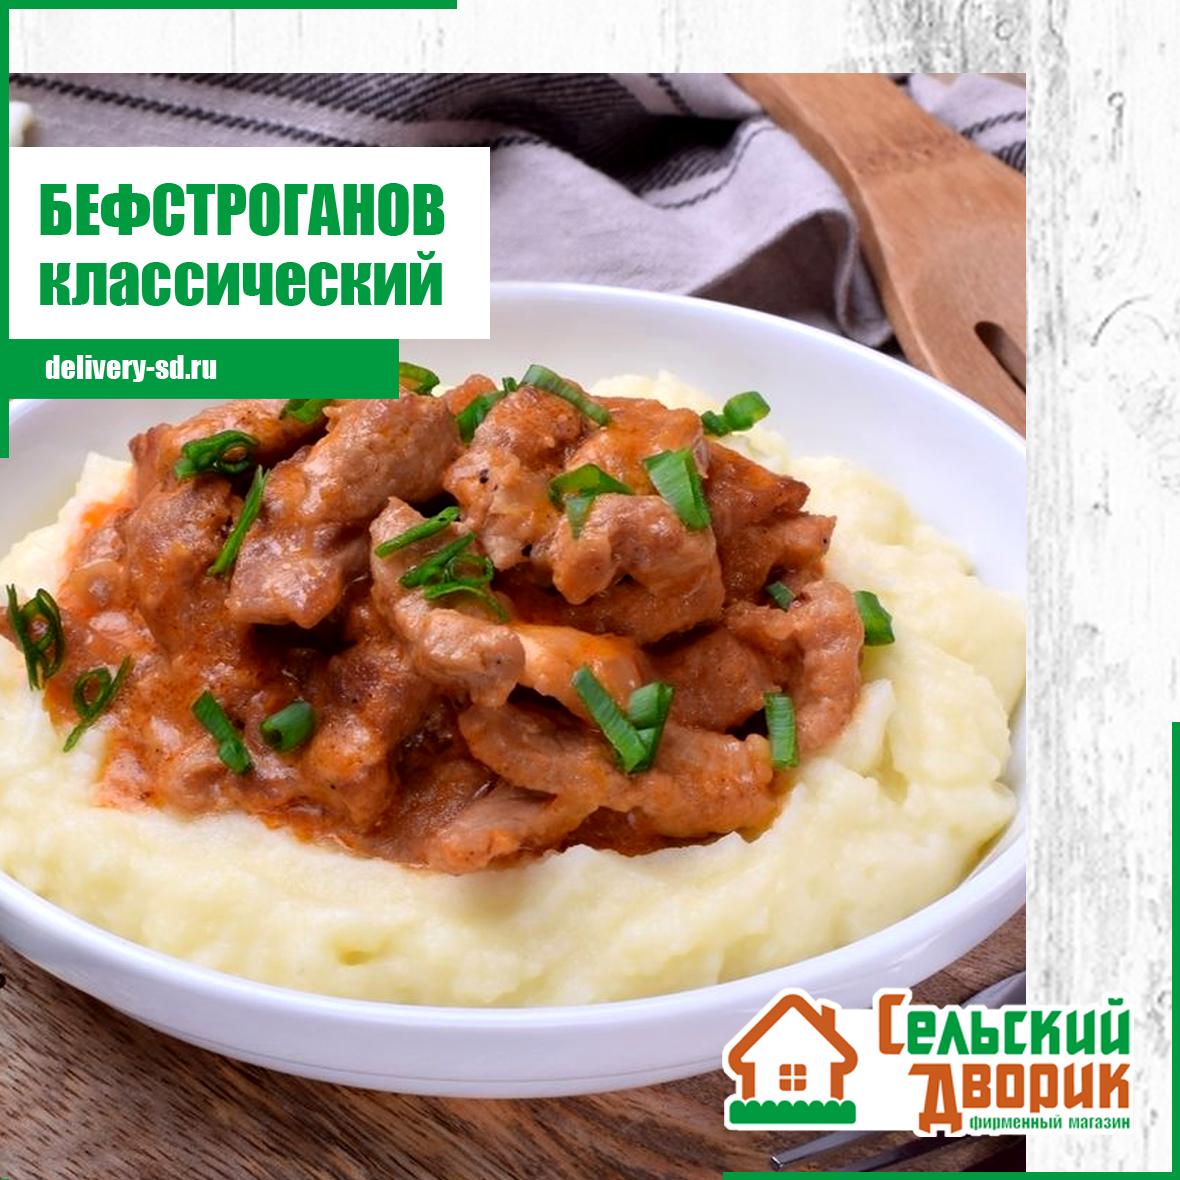 Сельский дворик в Тюмени рецепт блюда Бефстроганов из говядины